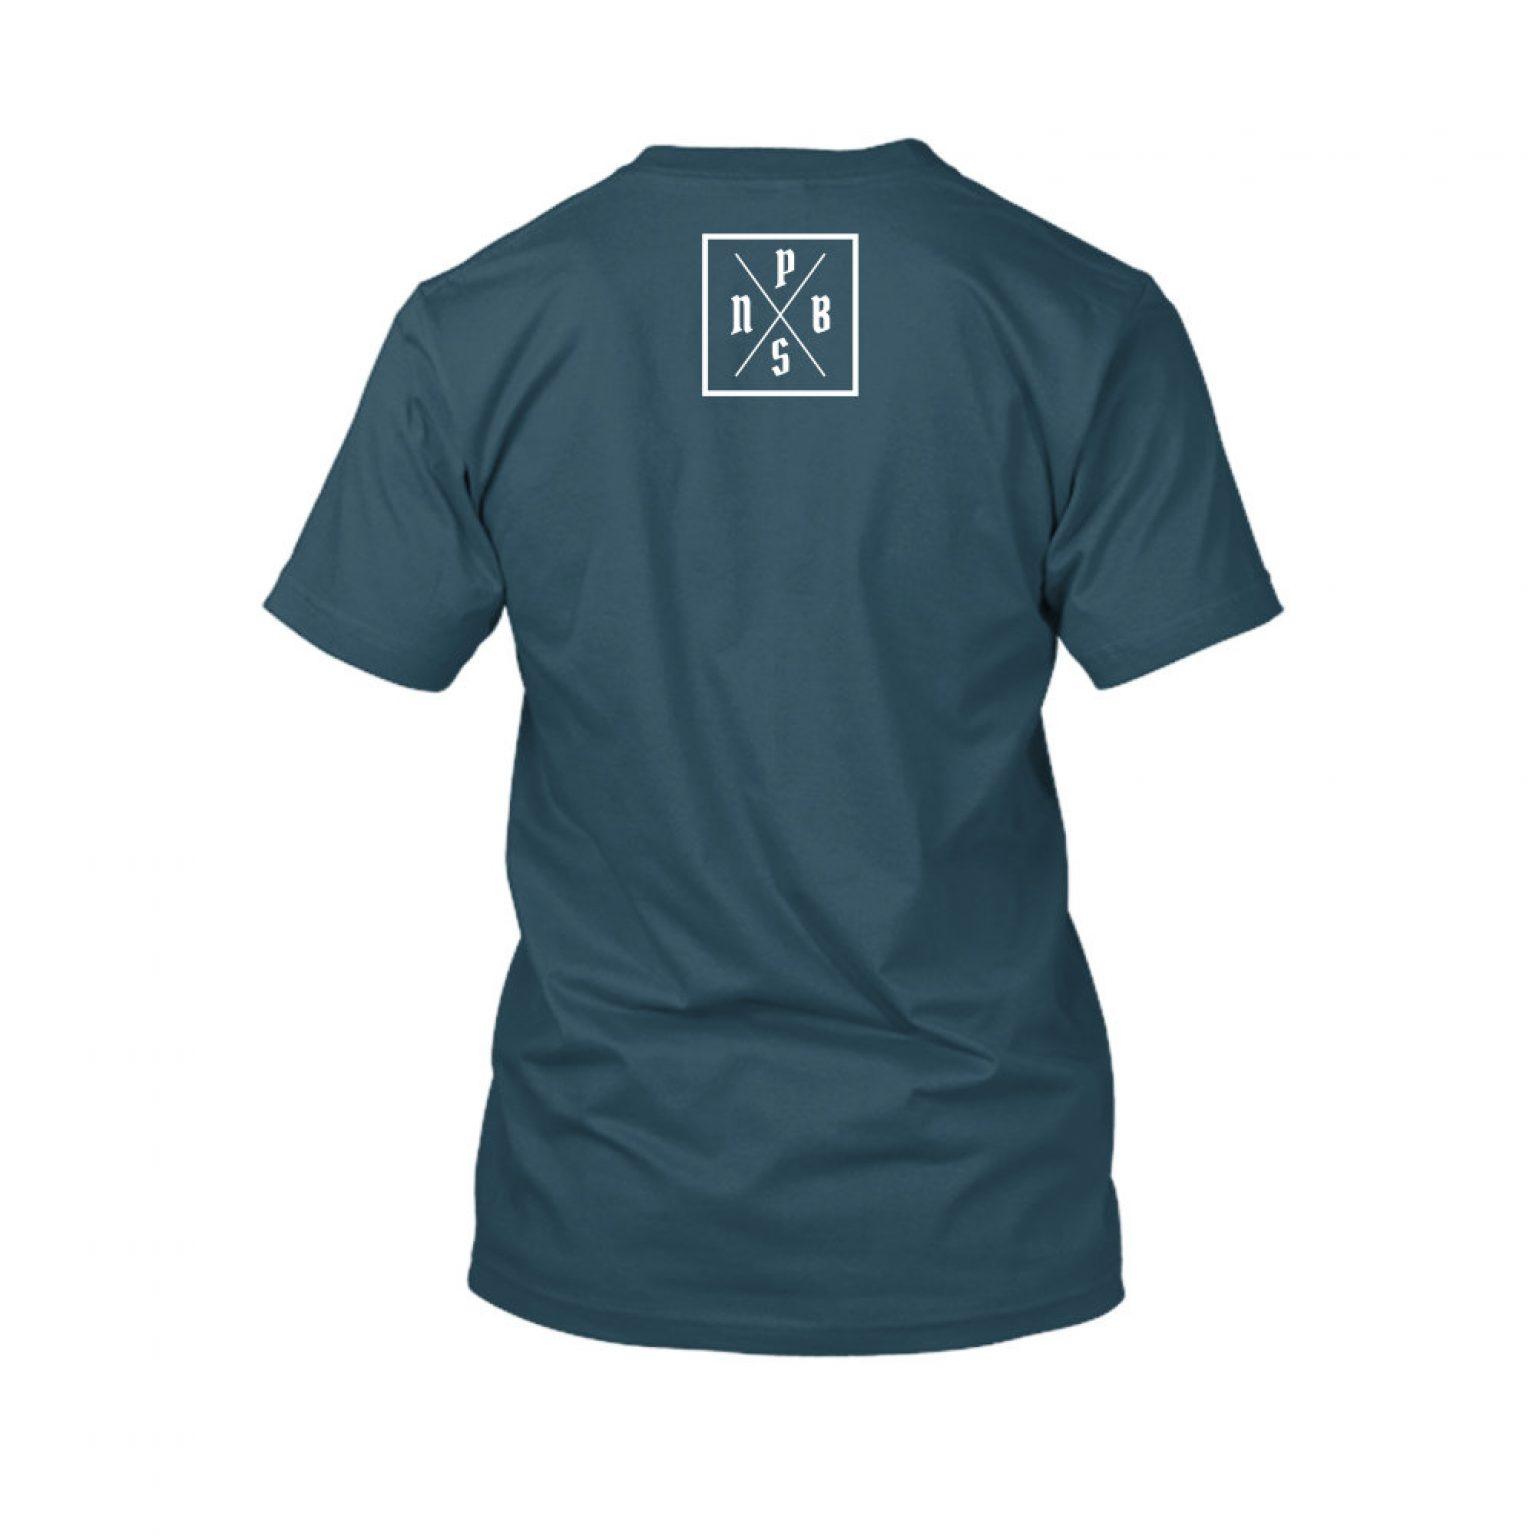 PBS shirt navyblue back